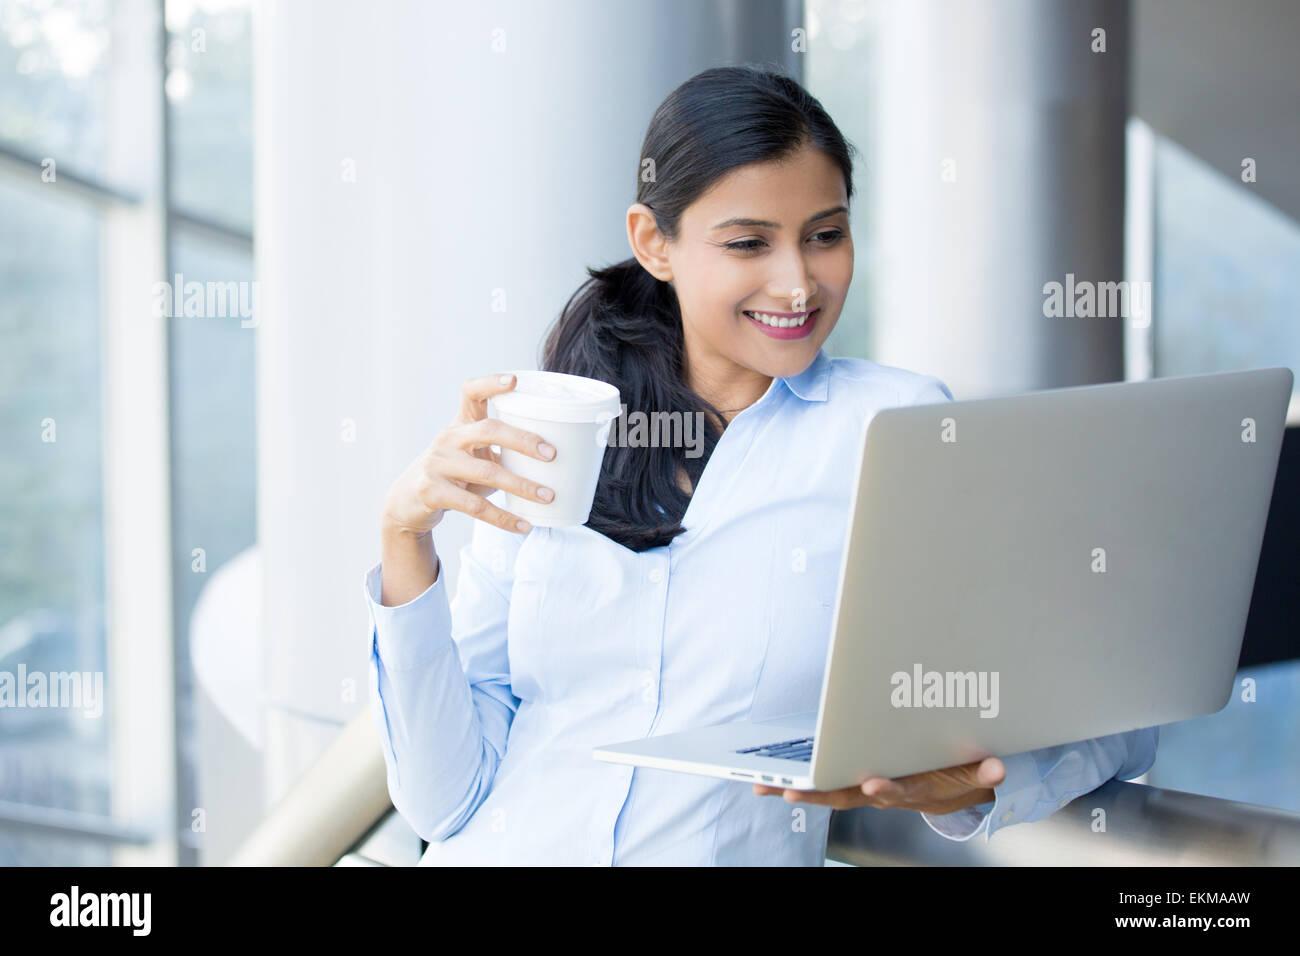 Closeup retrato mujer atractiva, joven, de pie, bebiendo café, sonriendo mirando, surf la plata portátil. Imagen De Stock